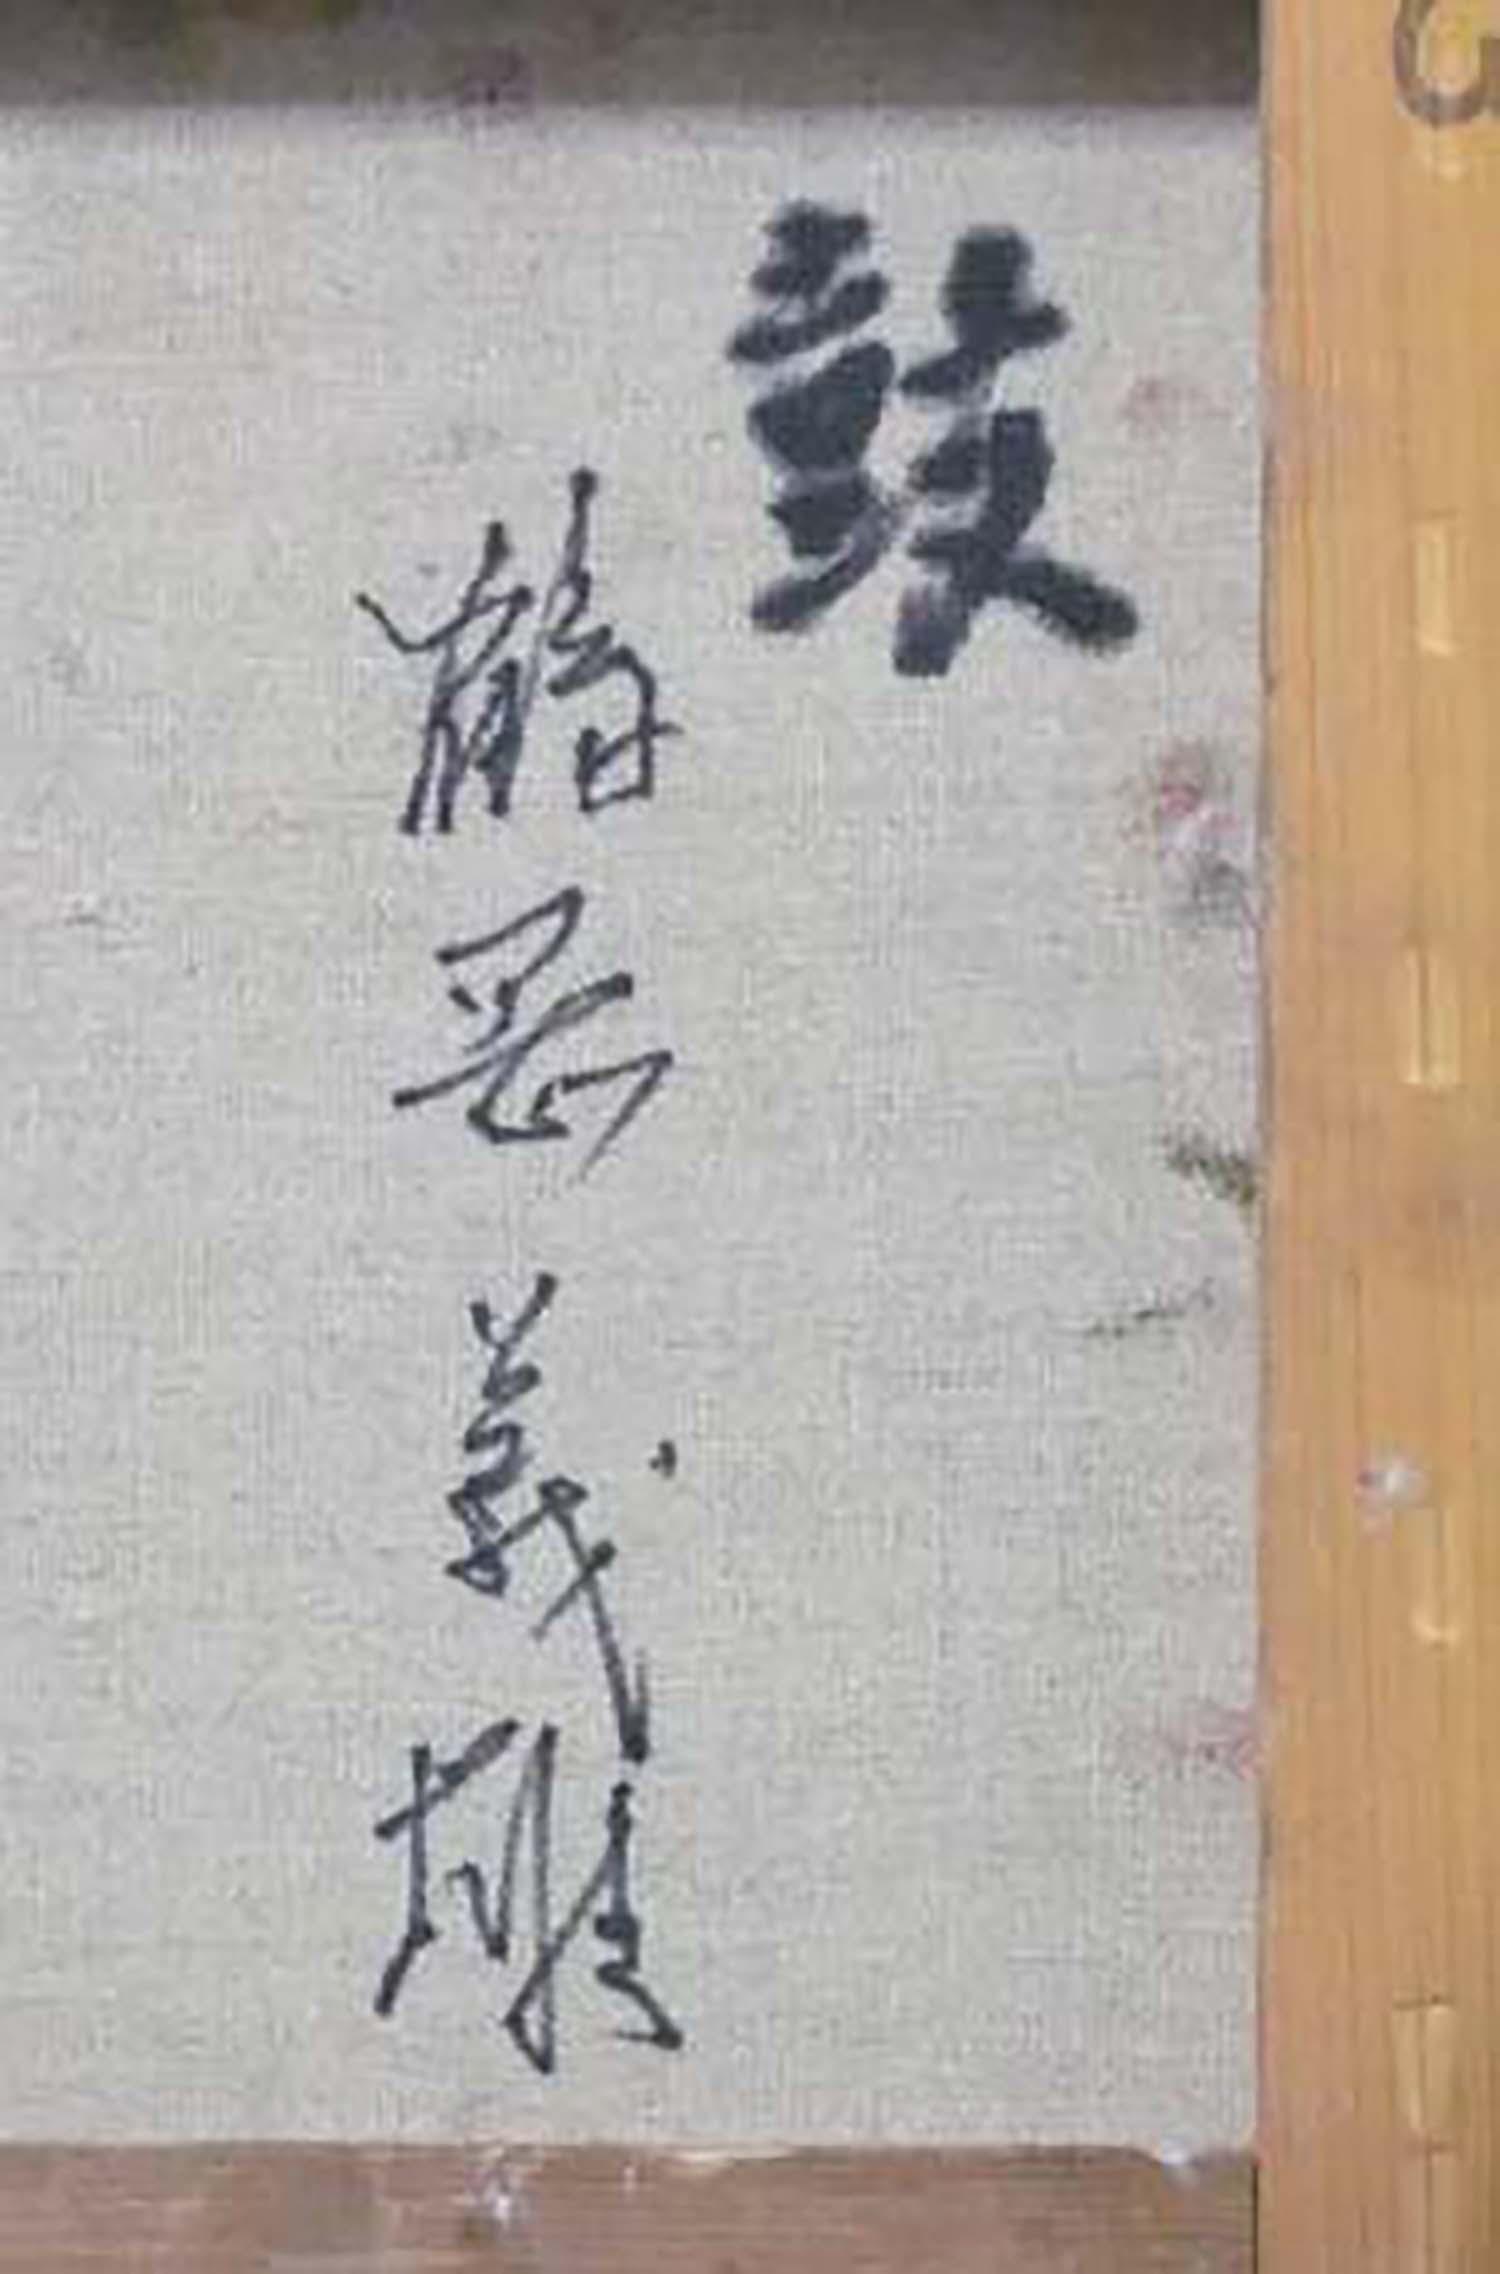 鶴岡義雄 サイン